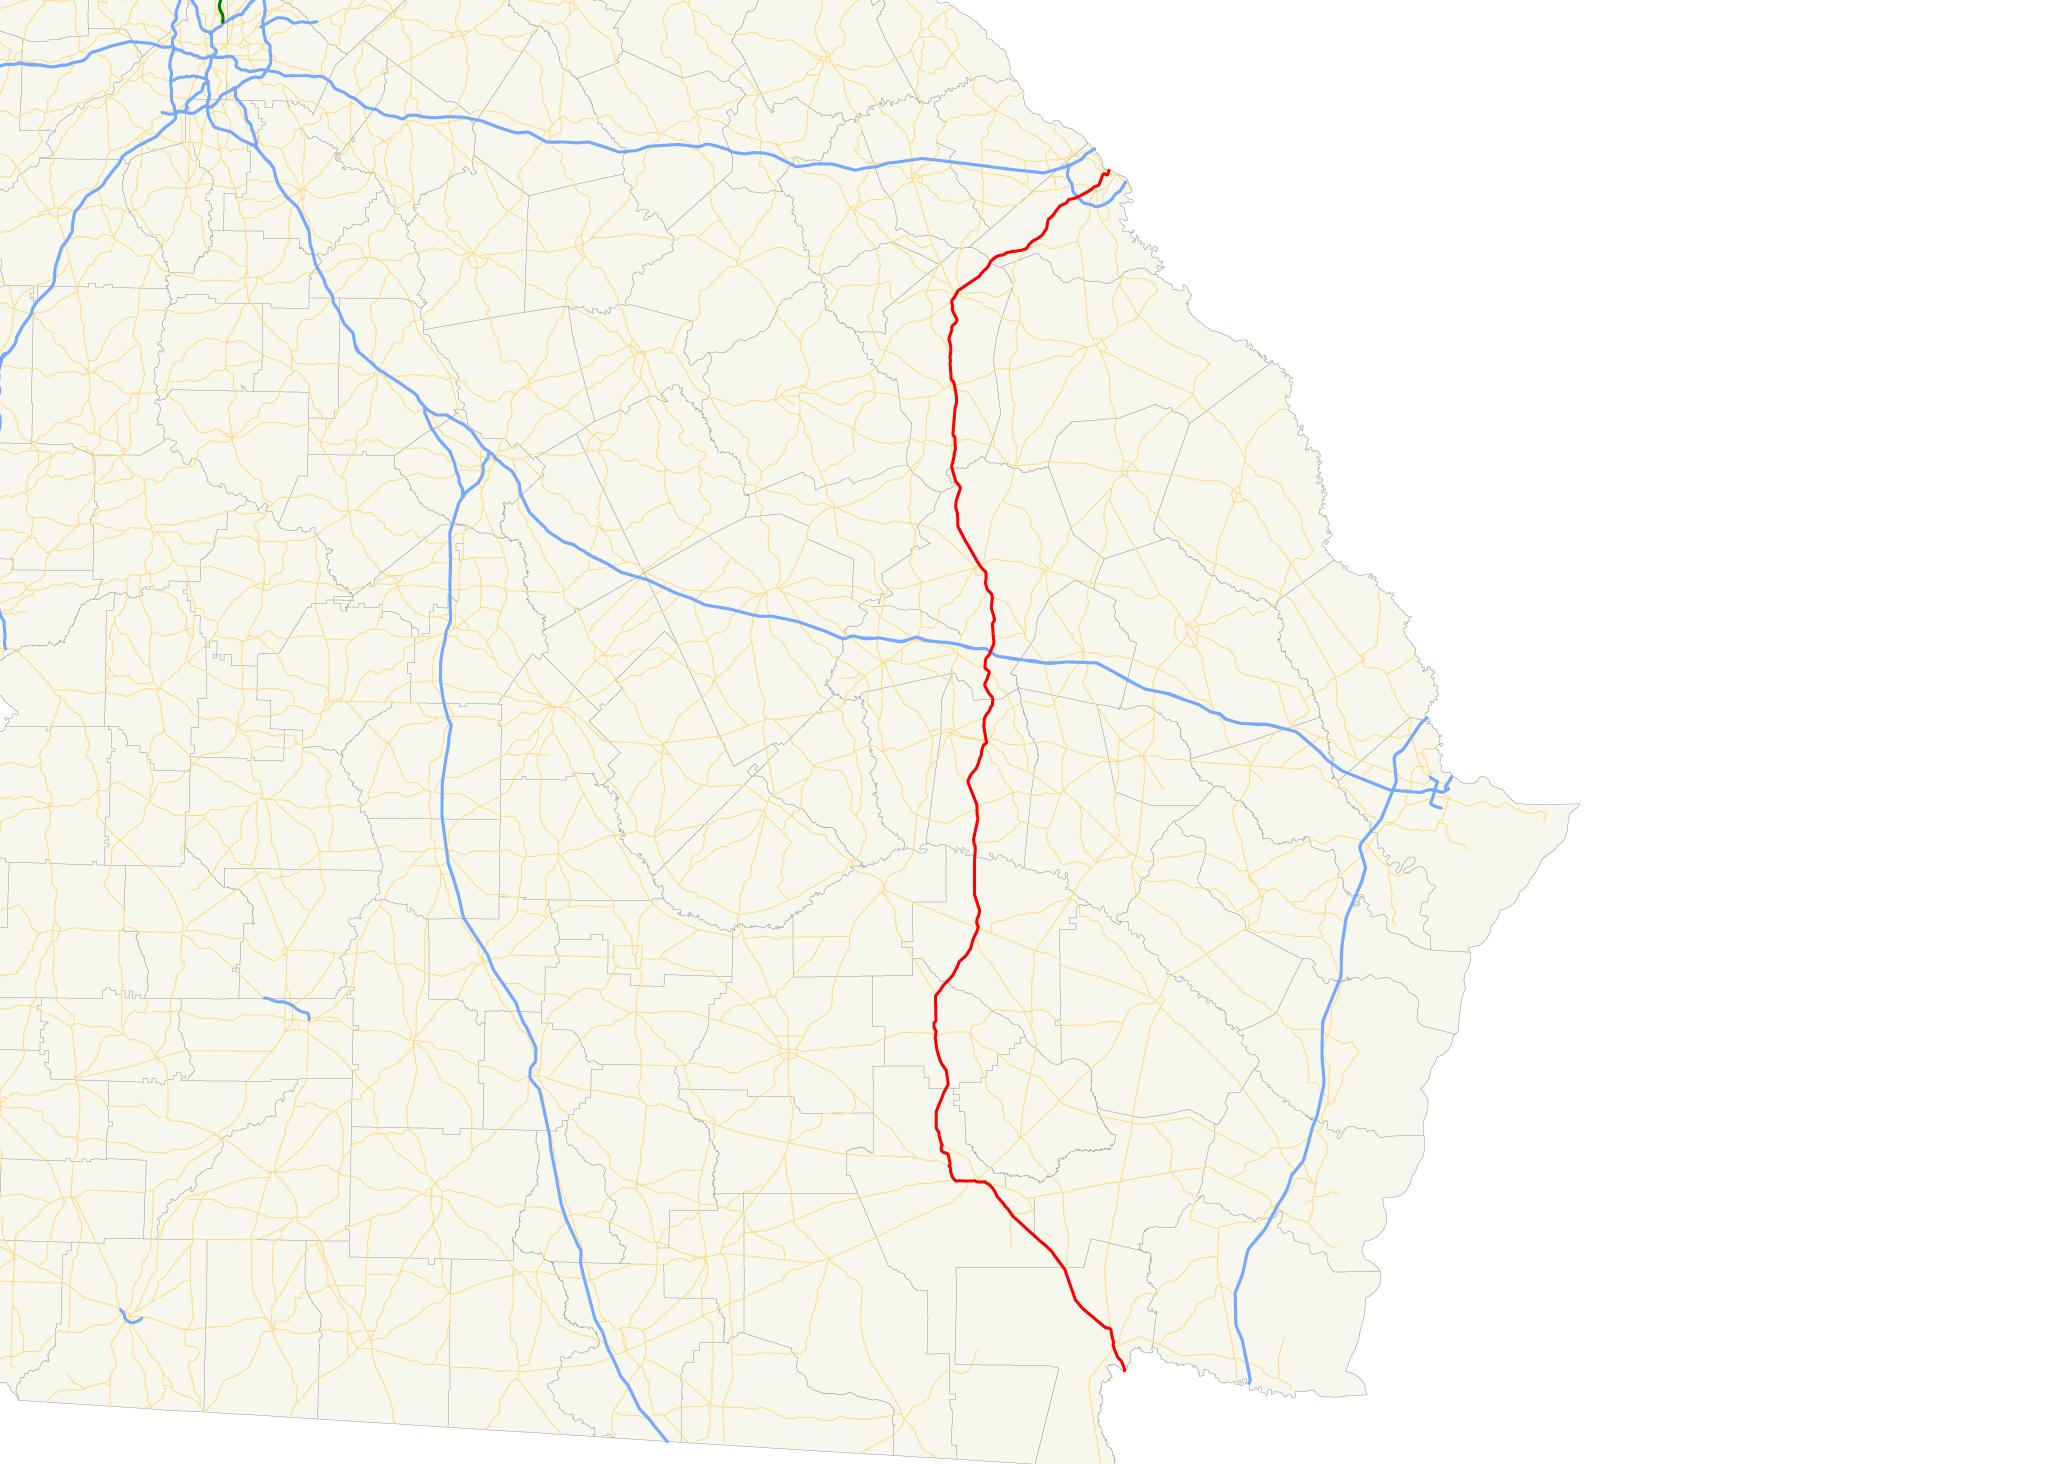 U S Route 1 in Georgia